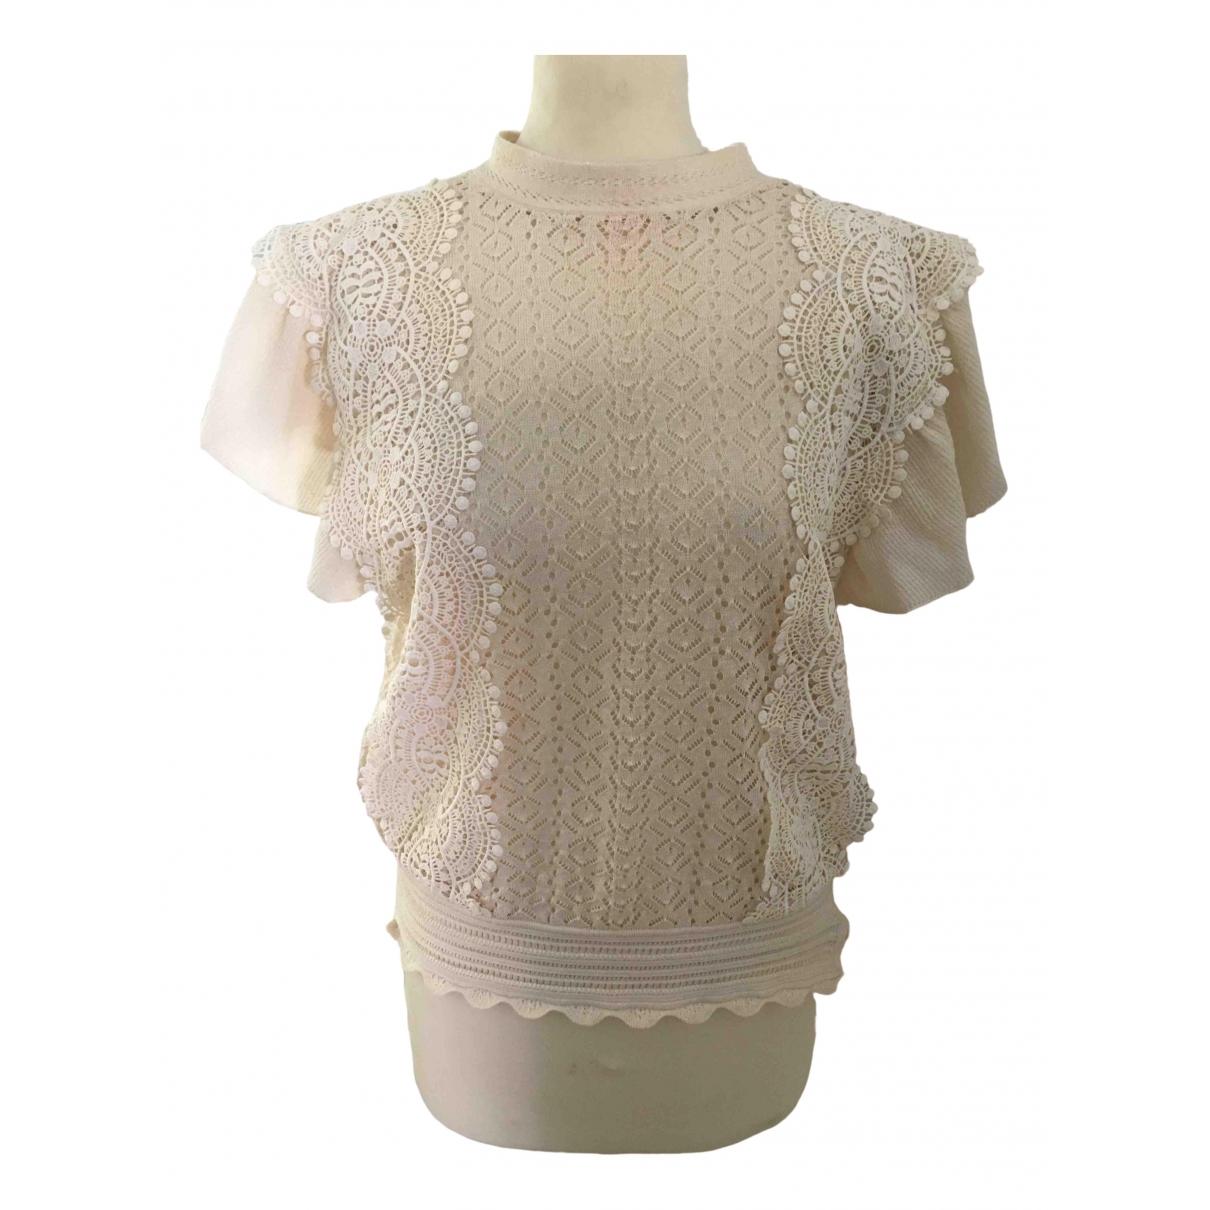 Zara - Top   pour femme en dentelle - beige